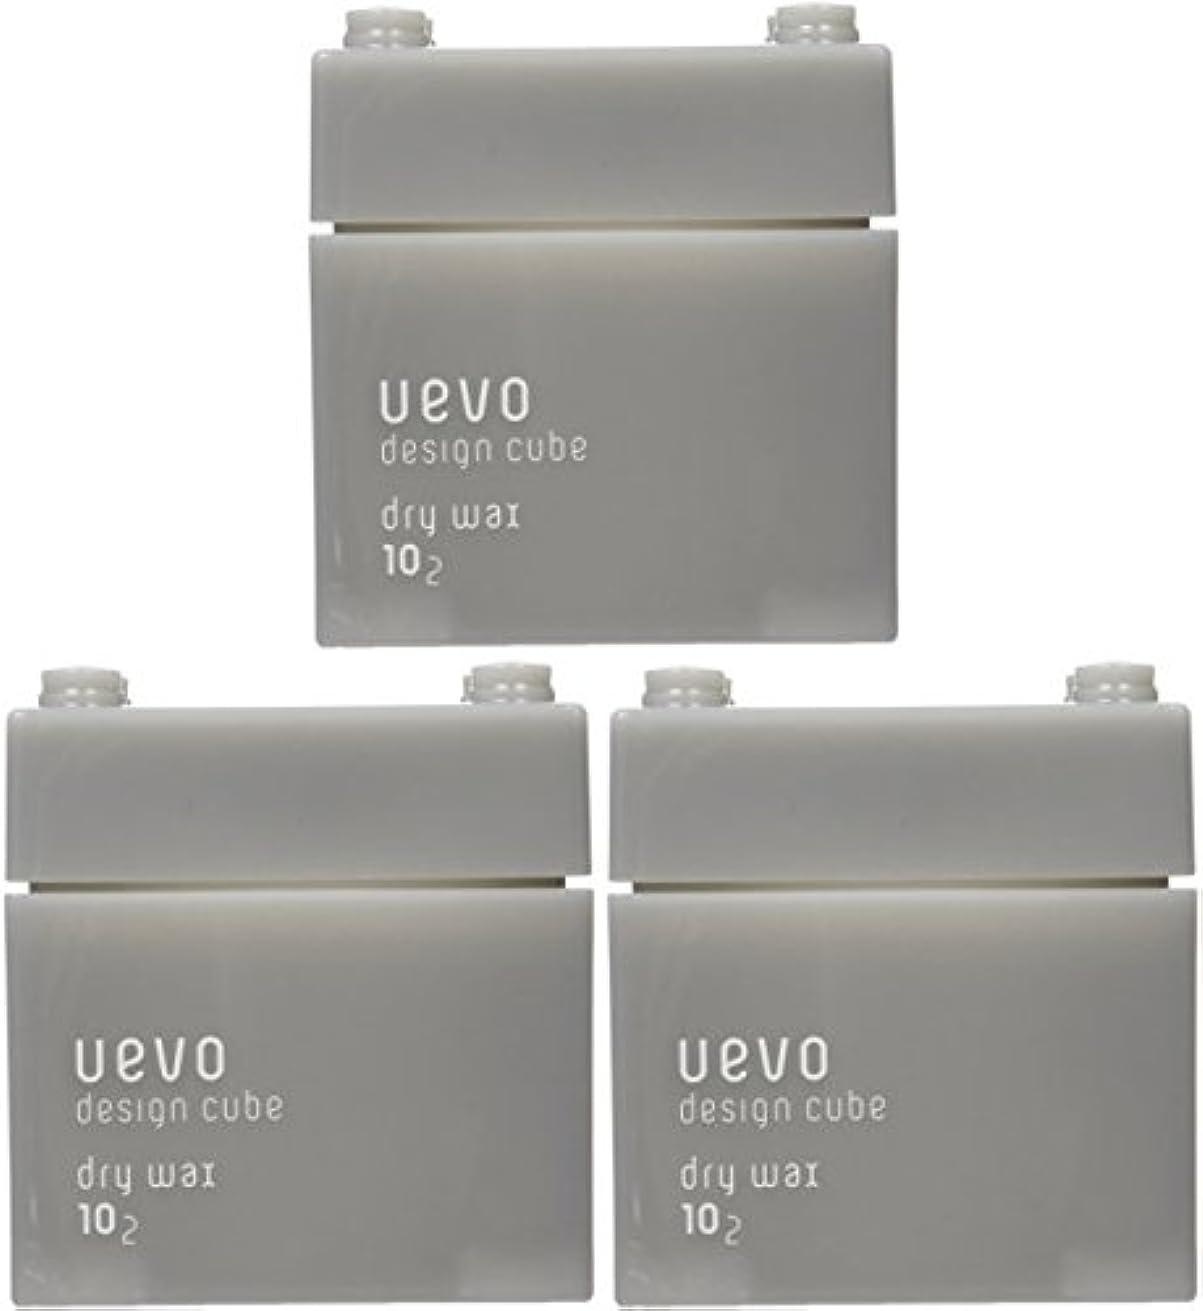 サイバースペース将来の平日【X3個セット】 デミ ウェーボ デザインキューブ ドライワックス 80g dry wax DEMI uevo design cube